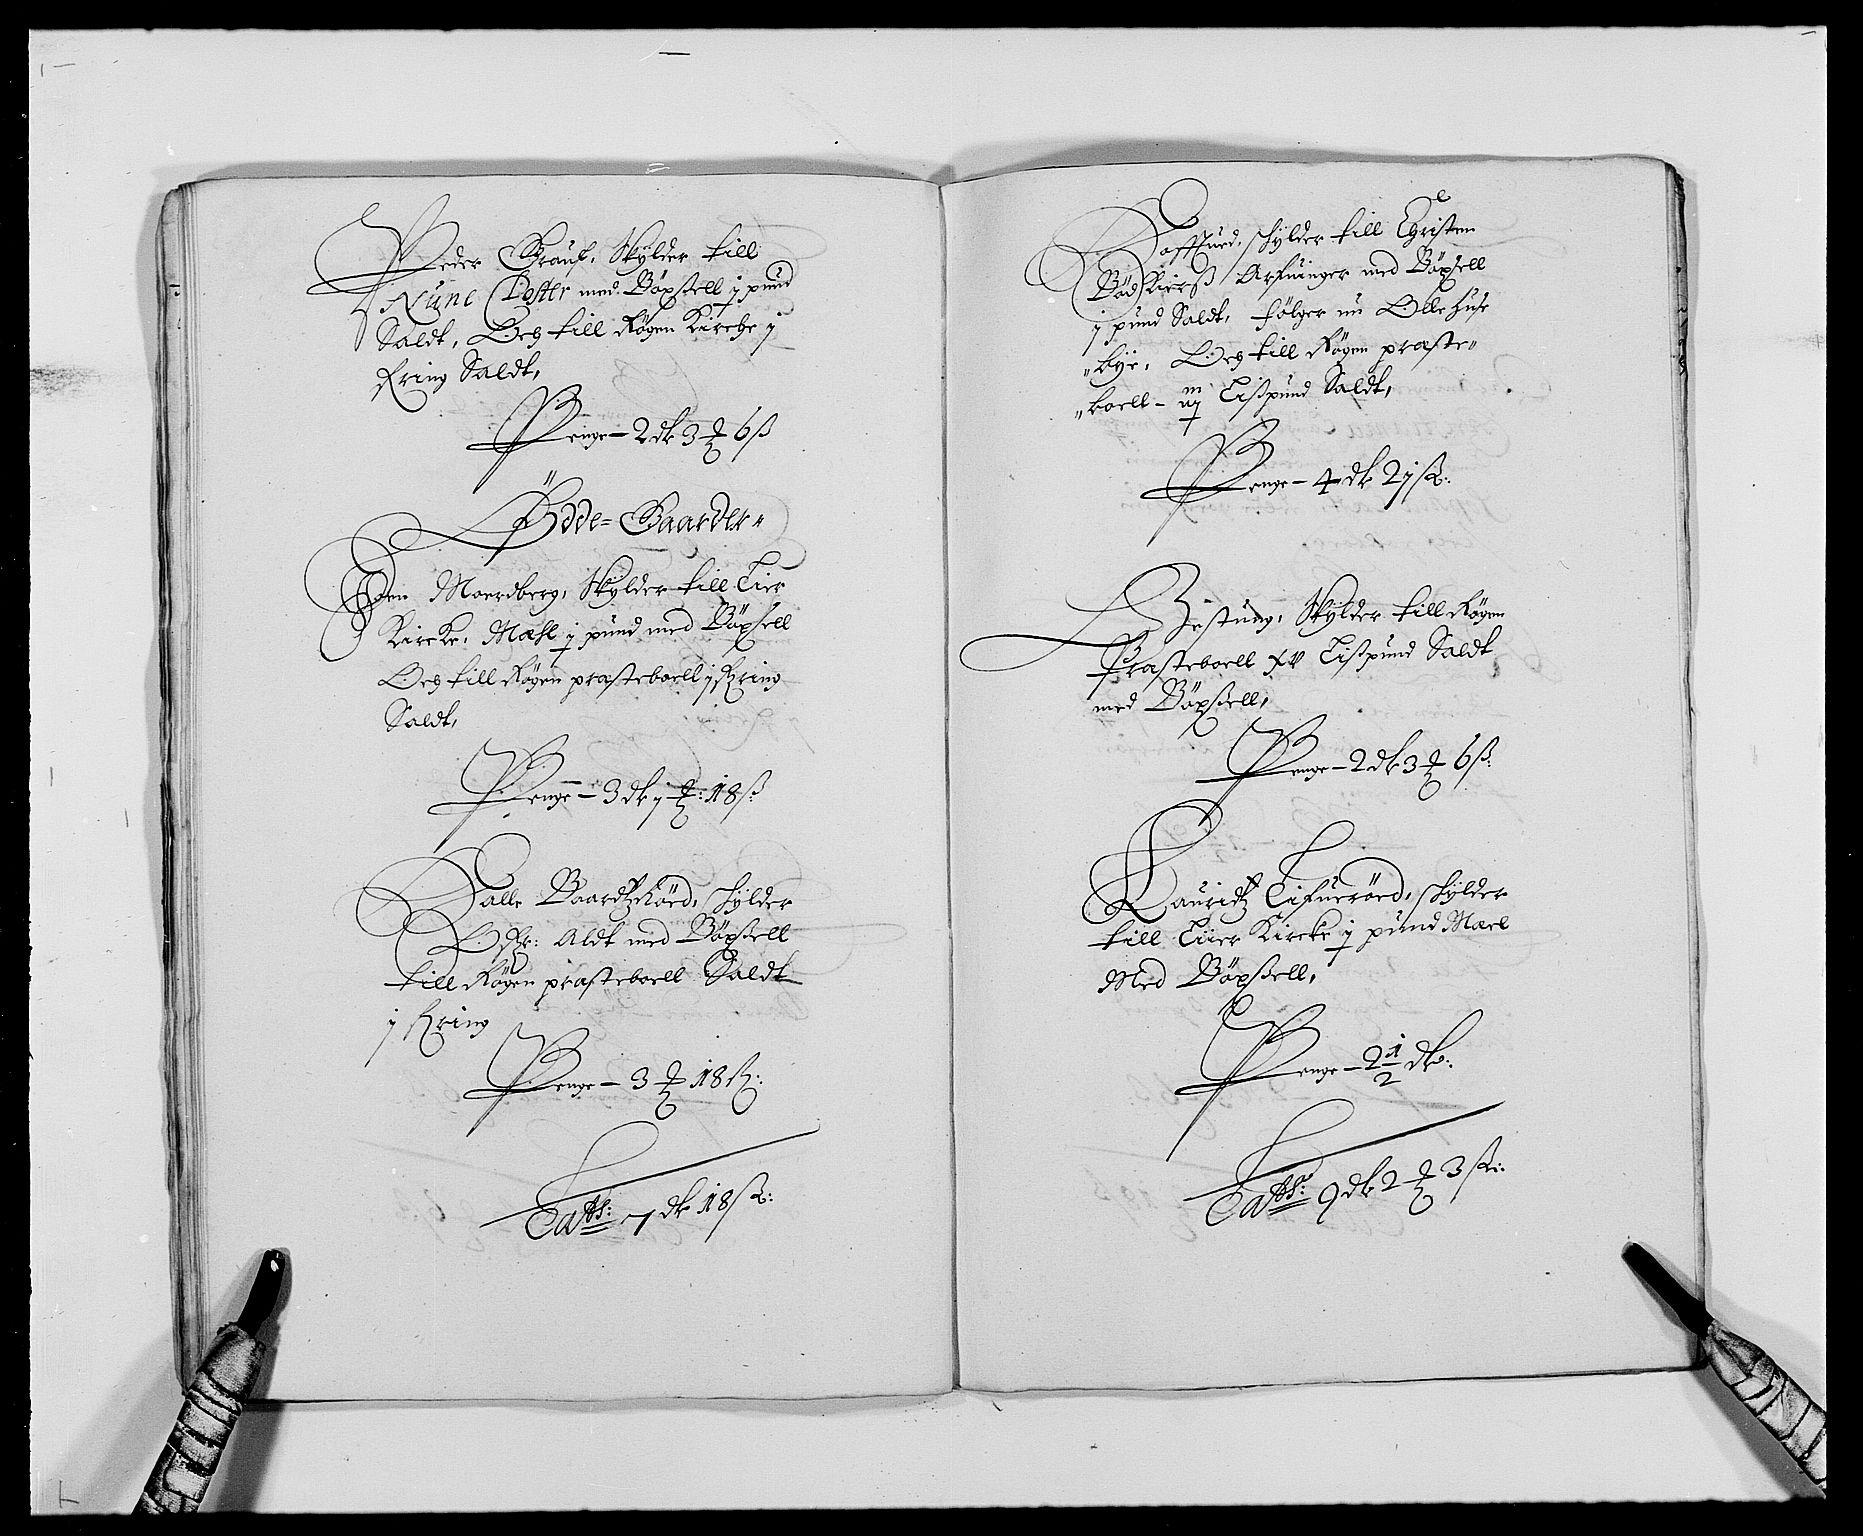 RA, Rentekammeret inntil 1814, Reviderte regnskaper, Fogderegnskap, R29/L1691: Fogderegnskap Hurum og Røyken, 1678-1681, s. 168